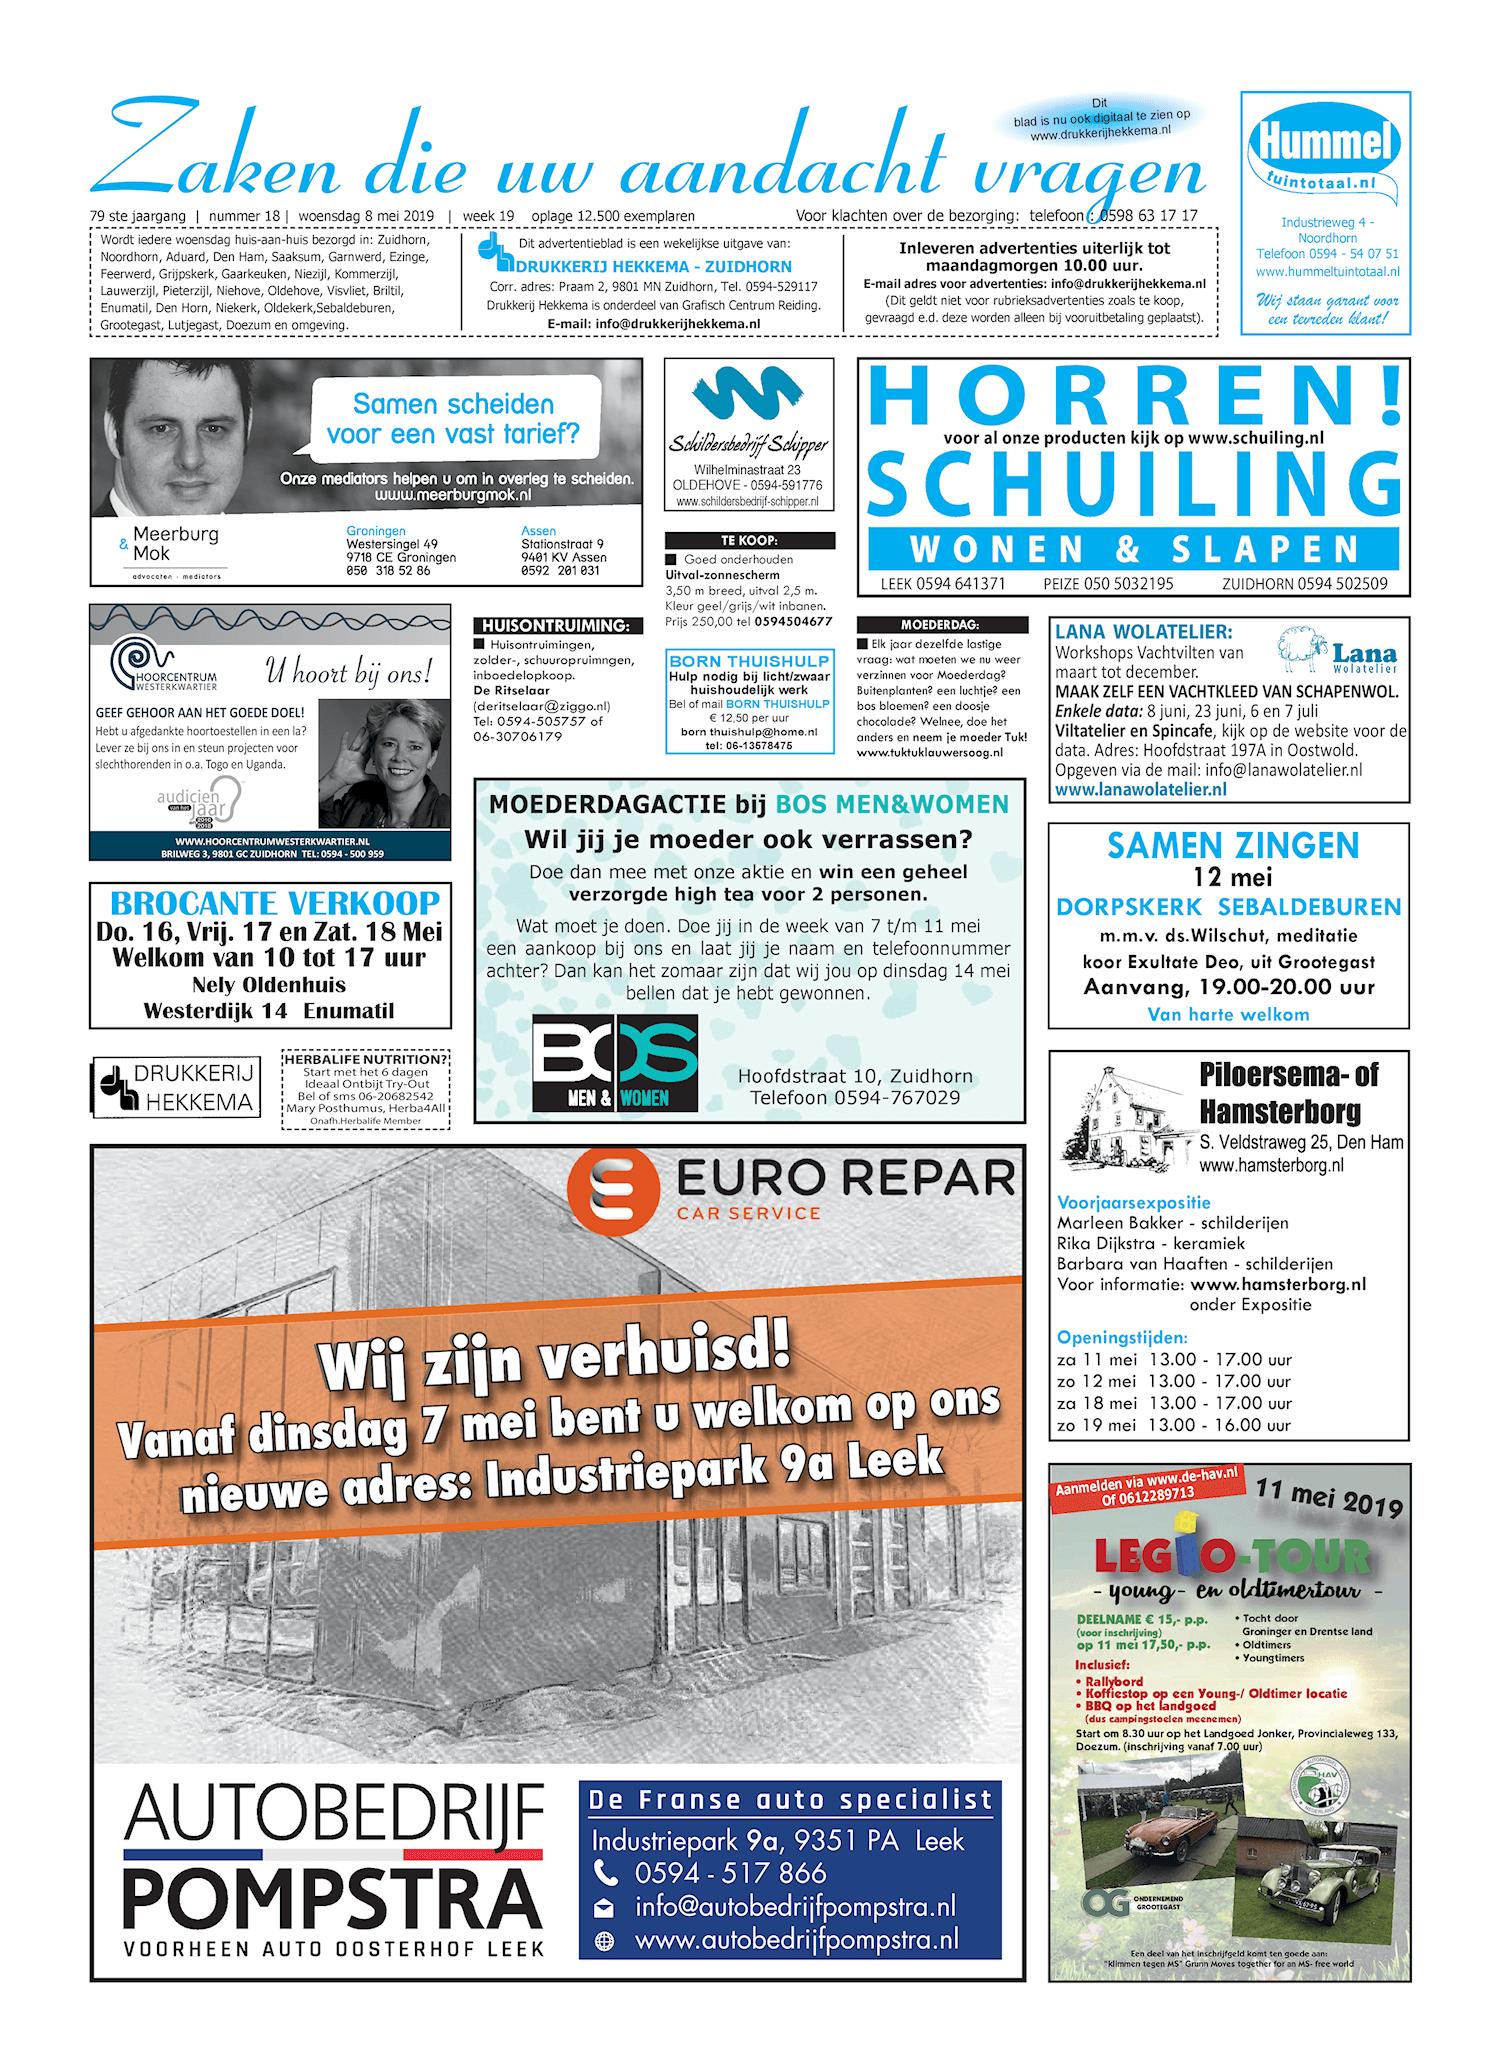 Drukkerij Hekkema - Zuidhorn - Zaken die uw aandacht vragen 2019 week 19